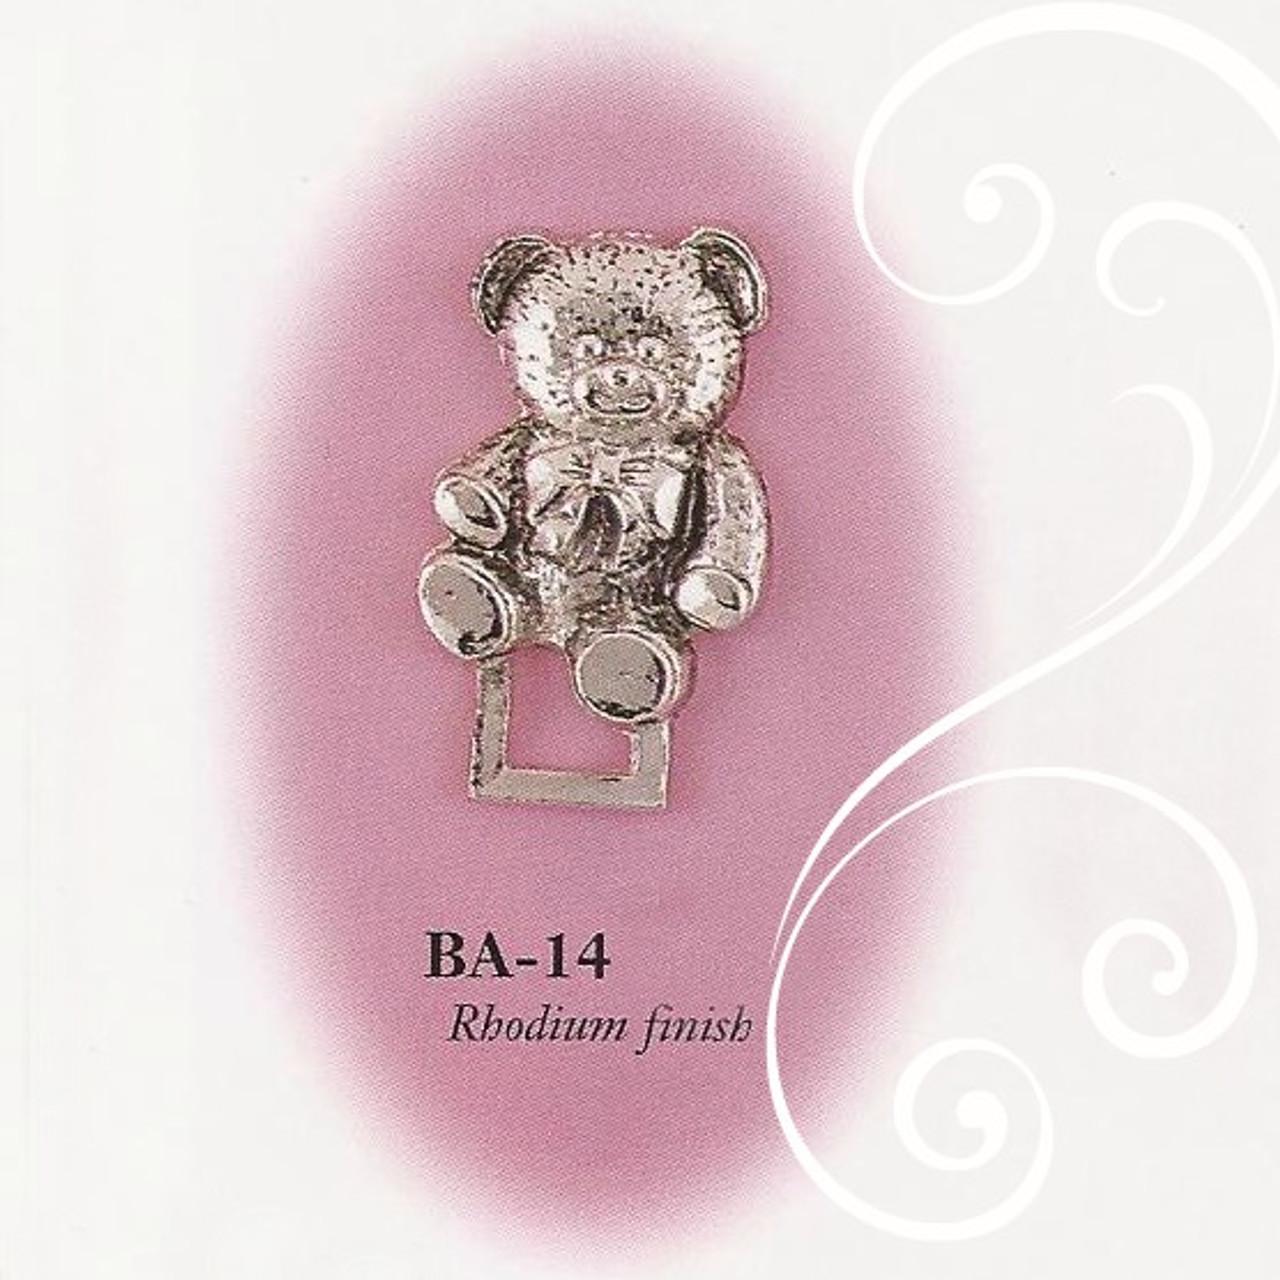 BA-14 Teddy Paci Holder